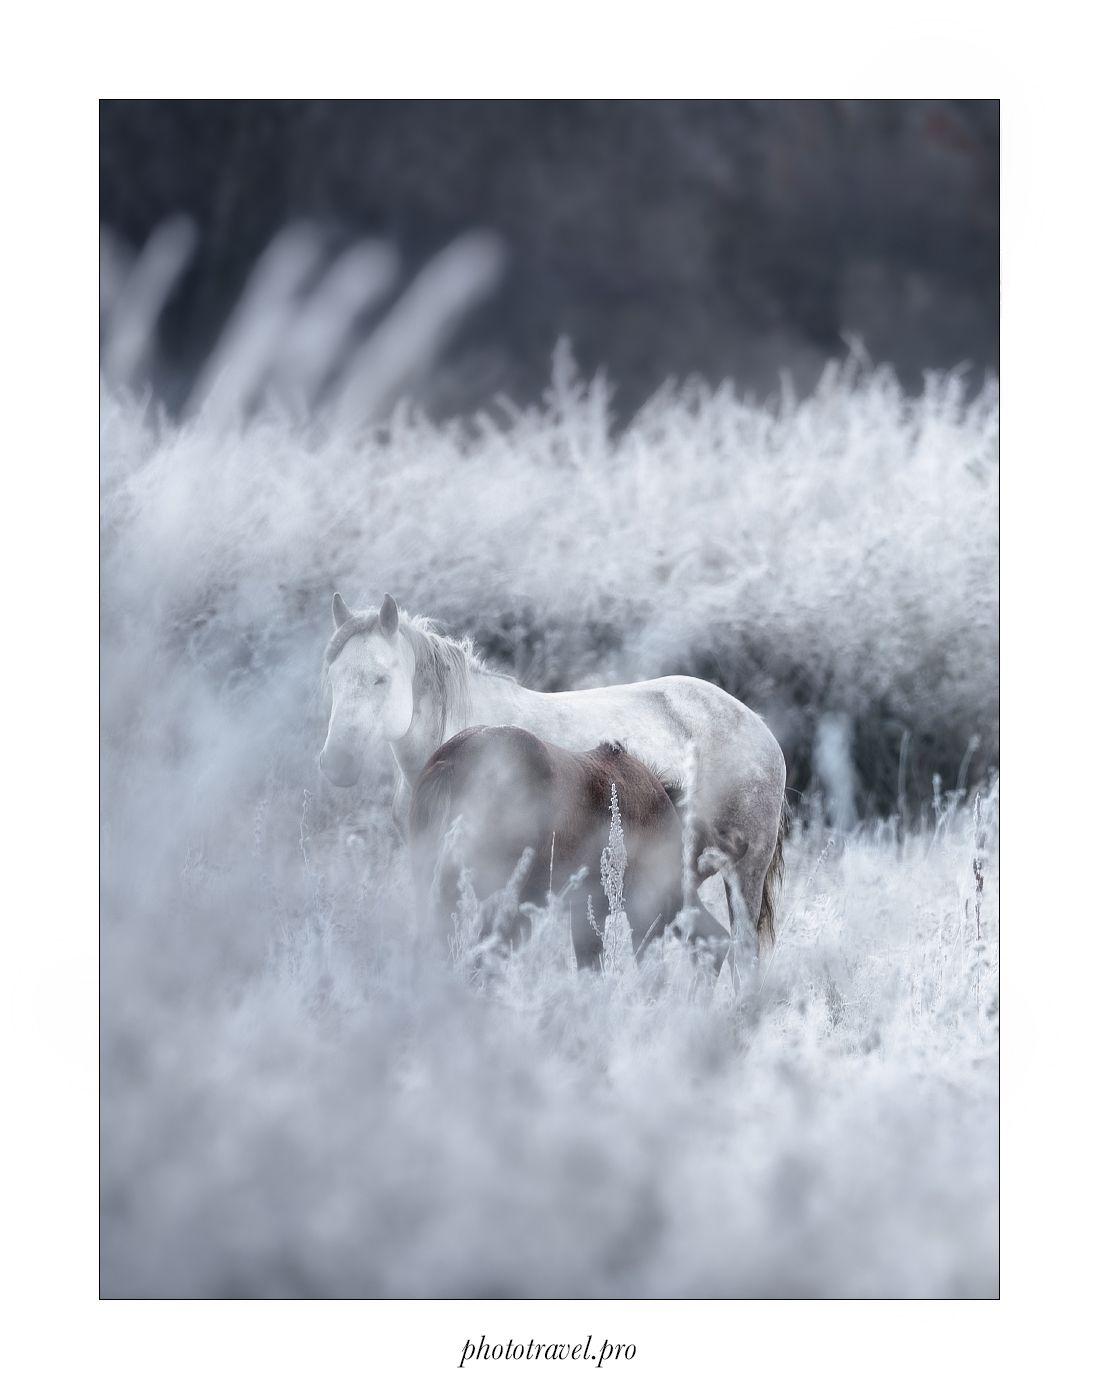 ГРЁЗЫ Алтай Горный домино грёзы нарния domino осень лошади Мульта Мультинские озера Россия Russia Horse autumn